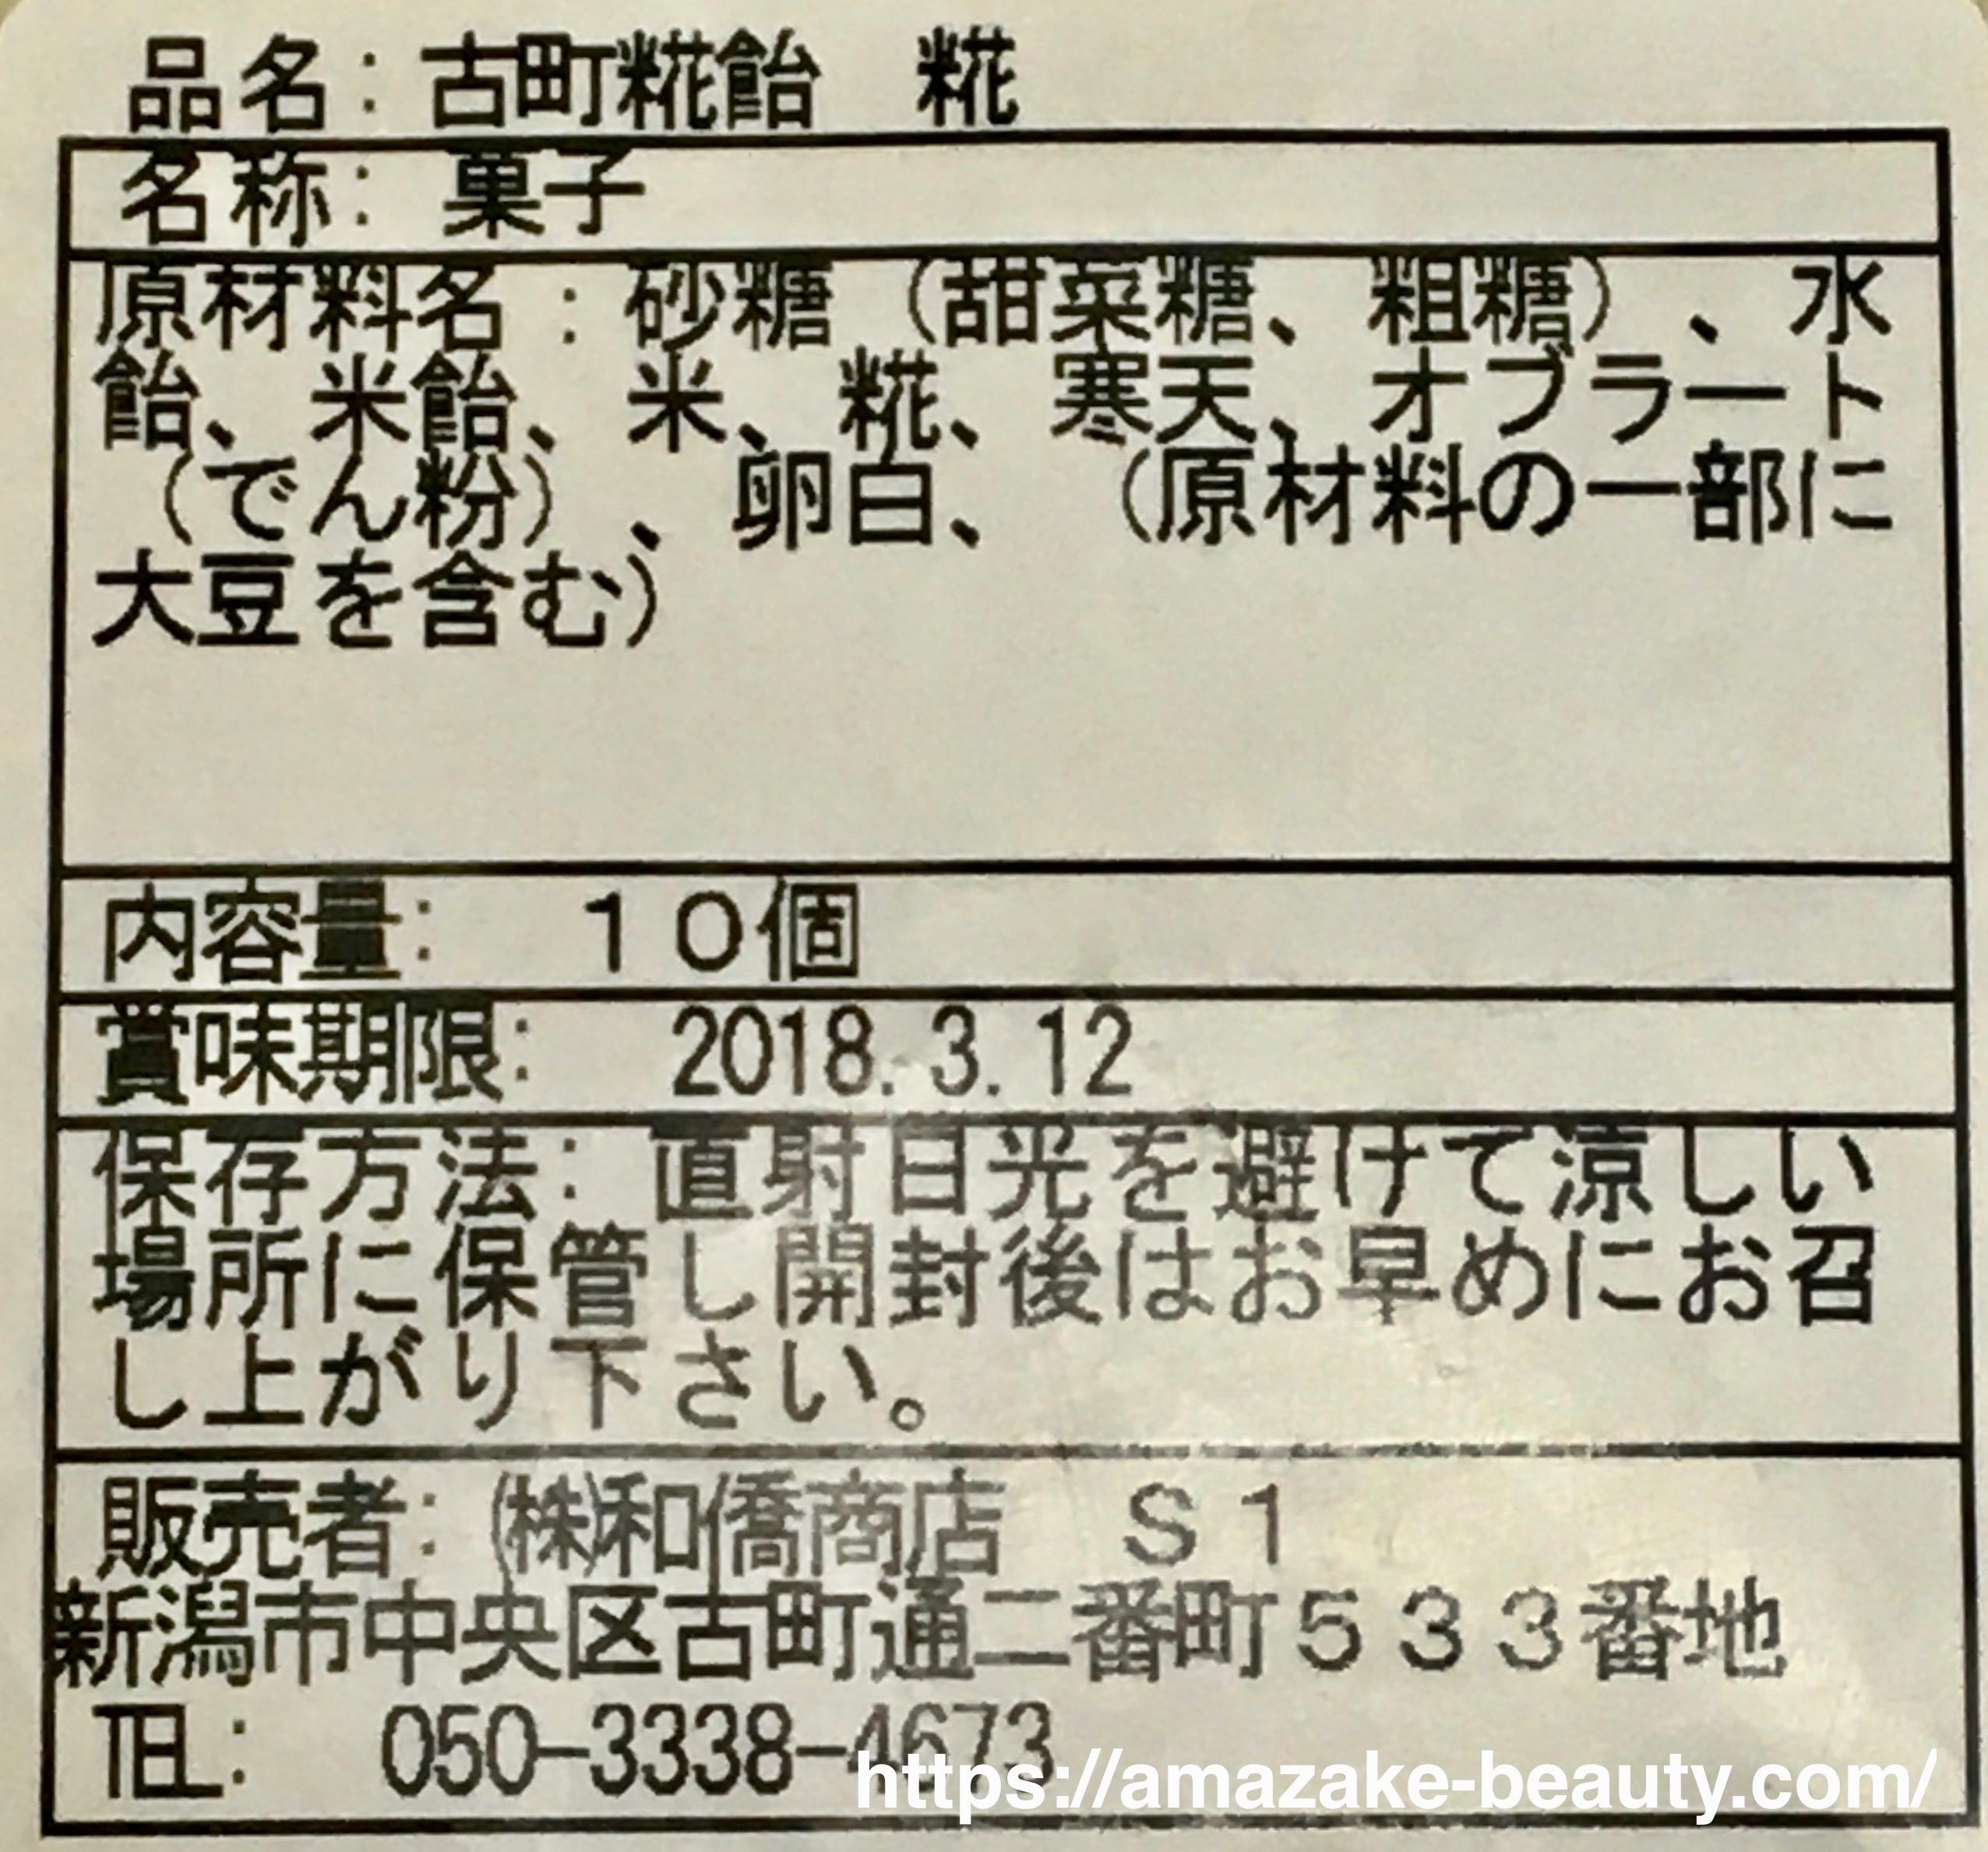 【甘酒甘味】古町糀製造所『古町糀飴(糀)』(商品情報)